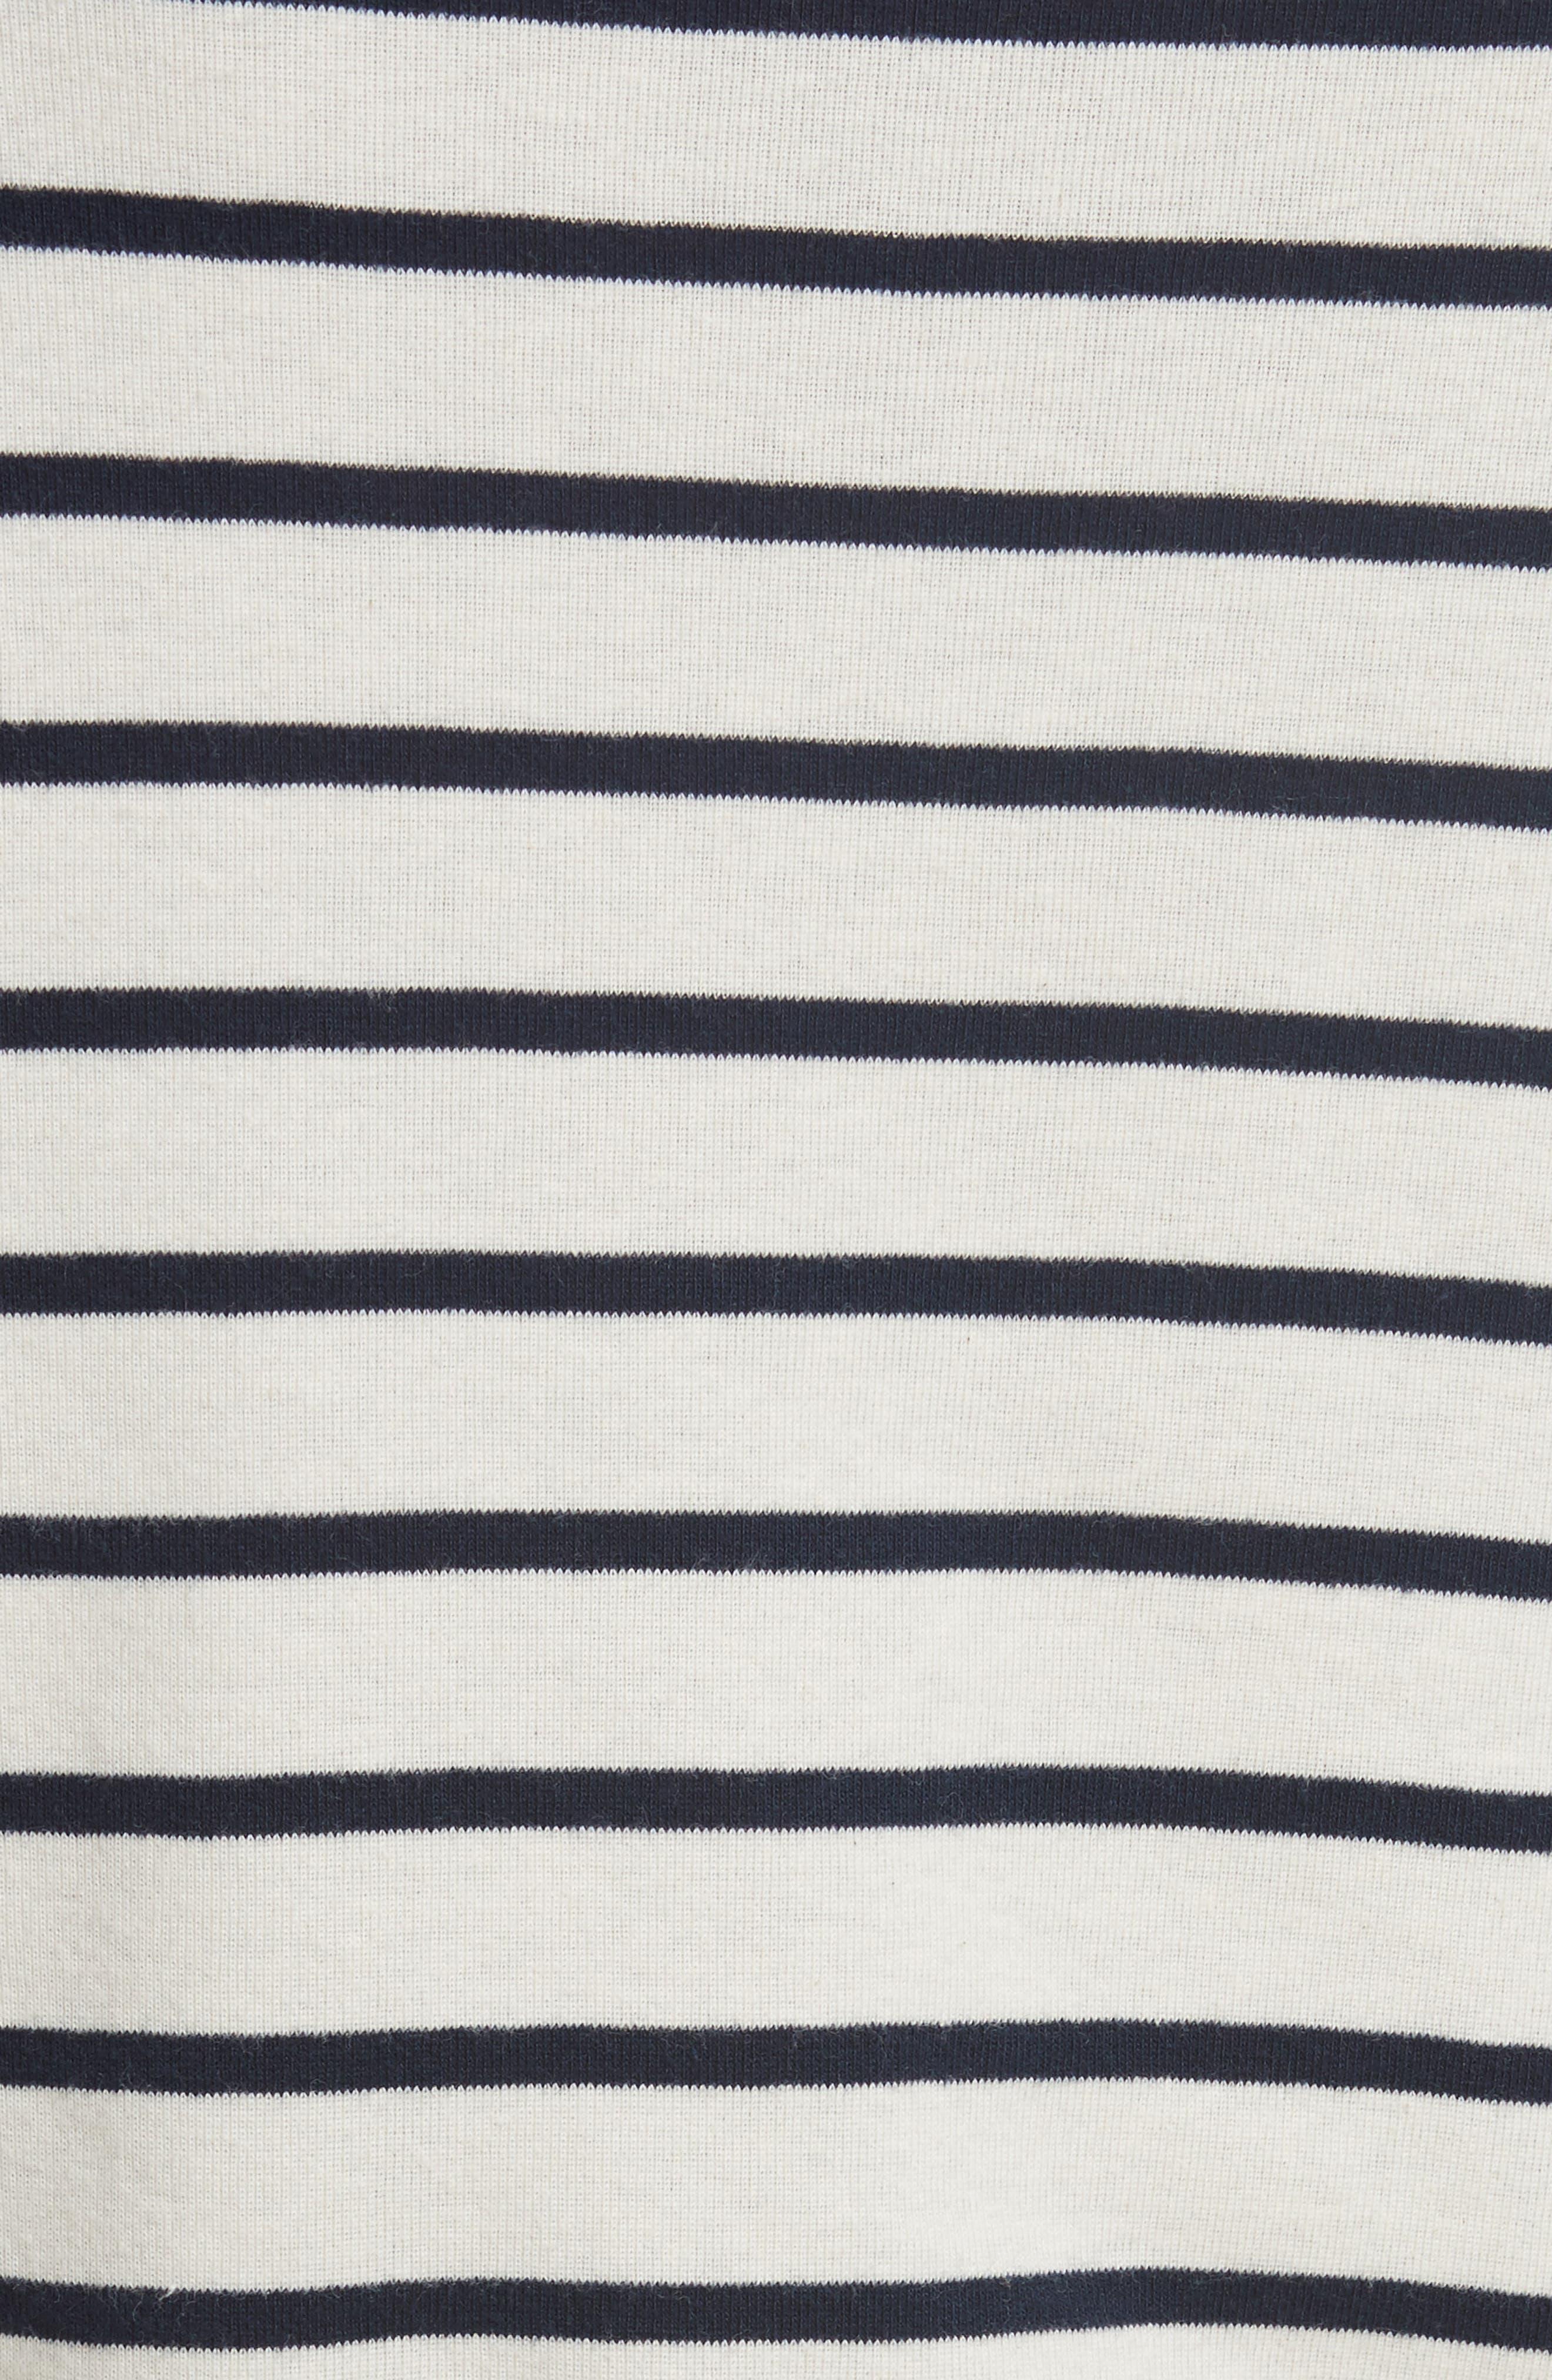 Audrey Stripe Turtleneck Top,                             Alternate thumbnail 5, color,                             903